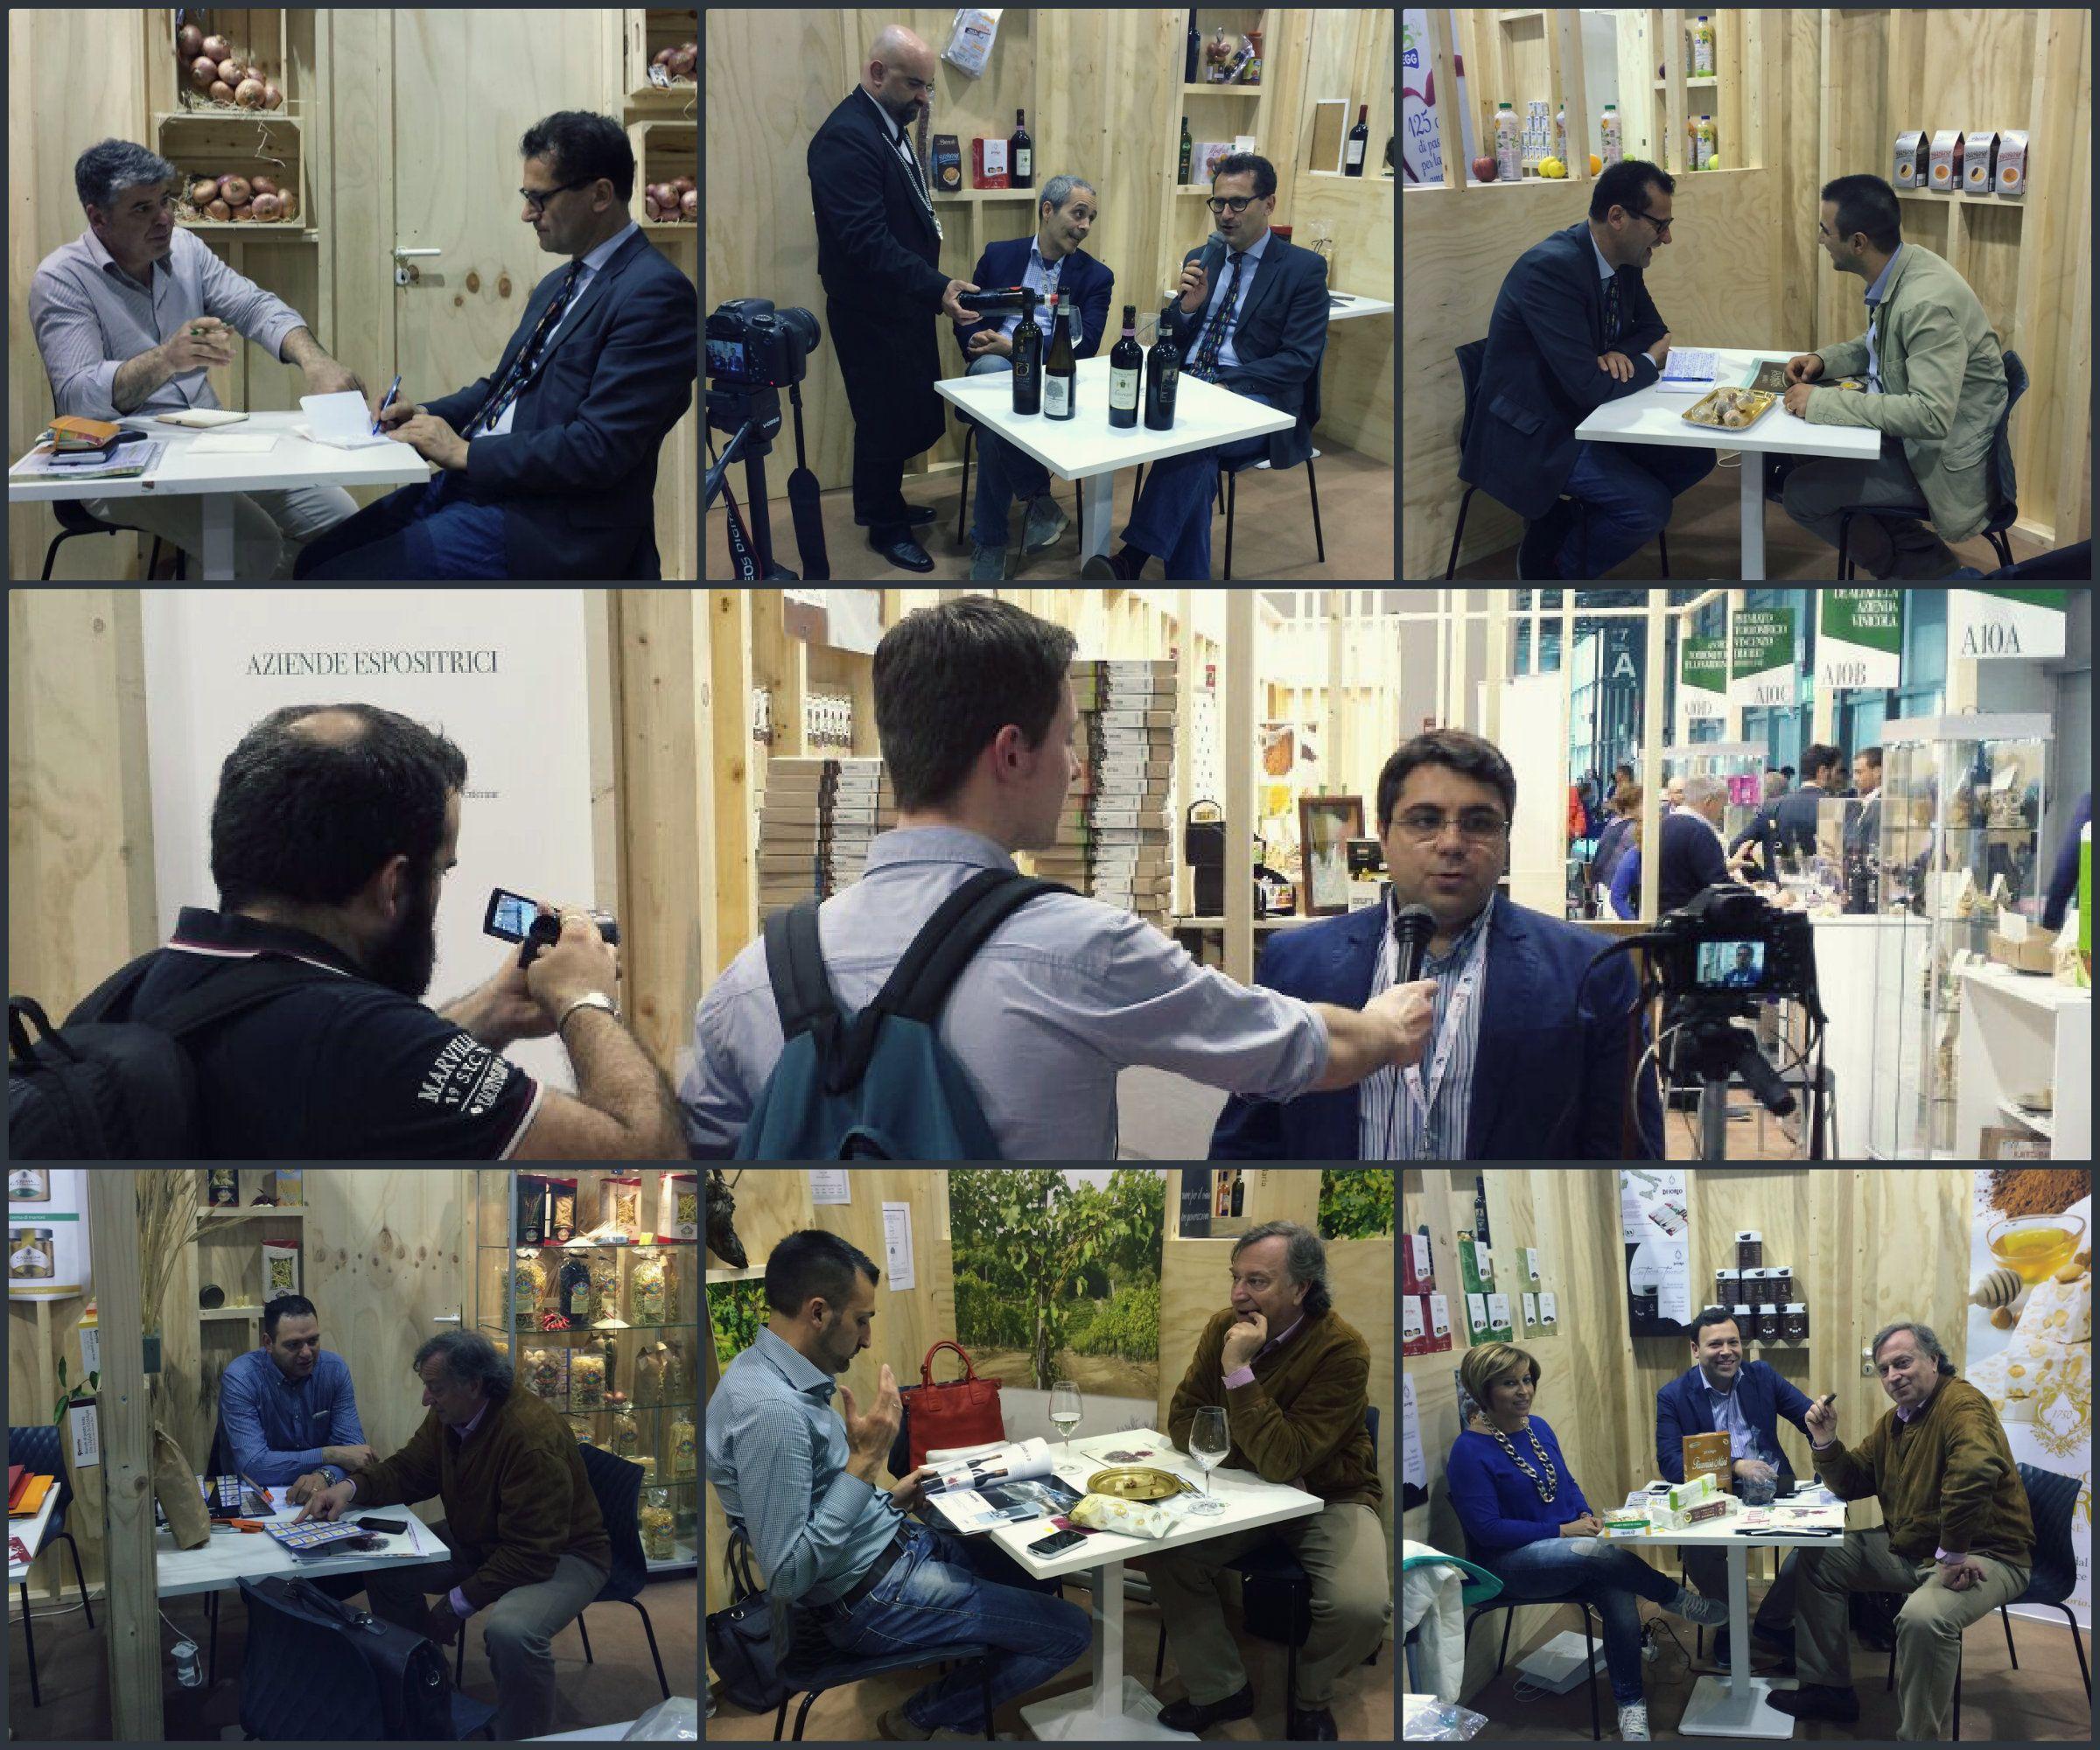 #TuttoFood #Day3 #Irpinia #B2B #Aziende #Giornalisti #Interviste #CCIAA_AV #Milano